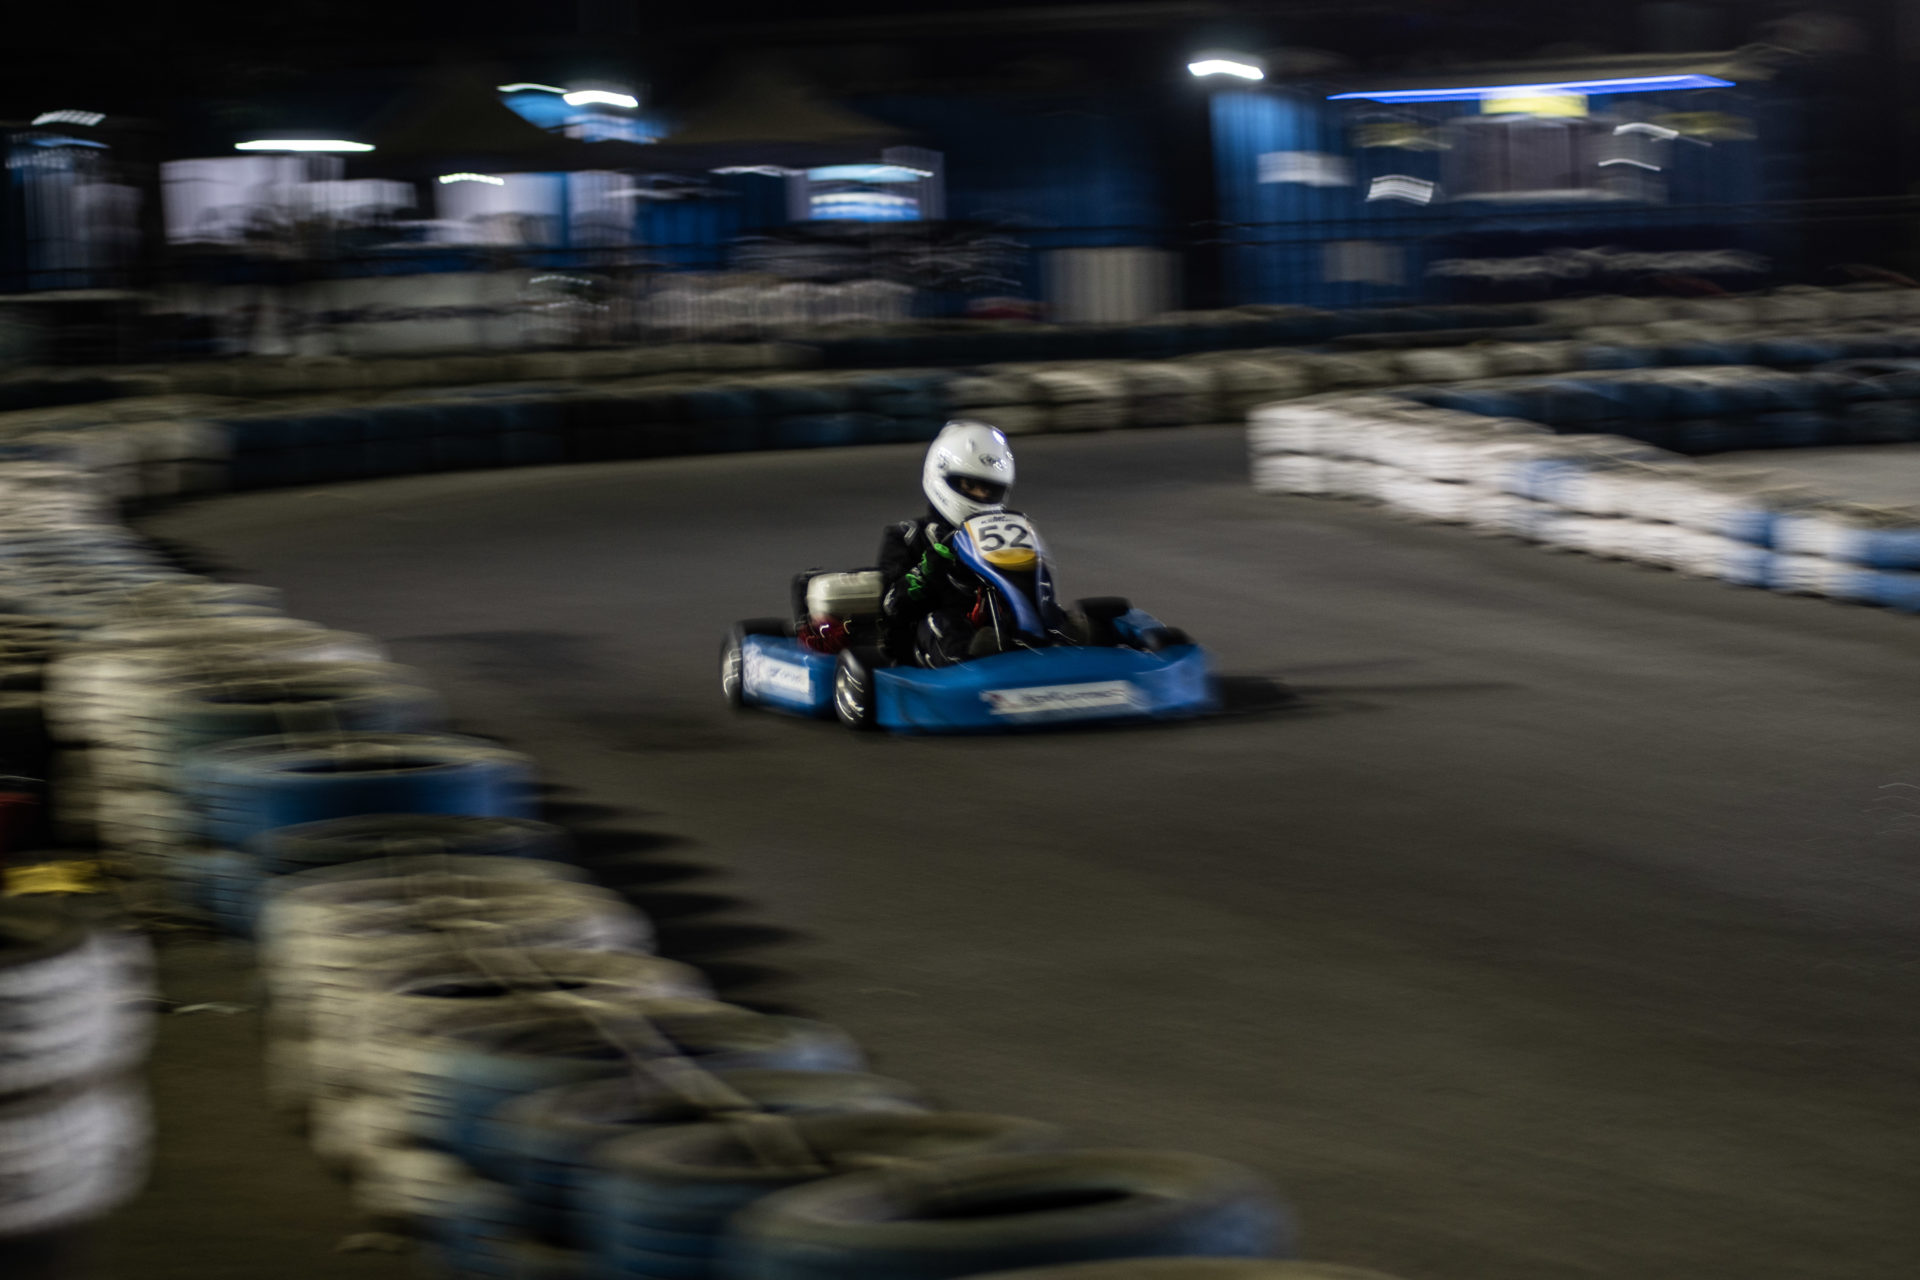 Ojas surve soumilarora rayo racing indikarting 4